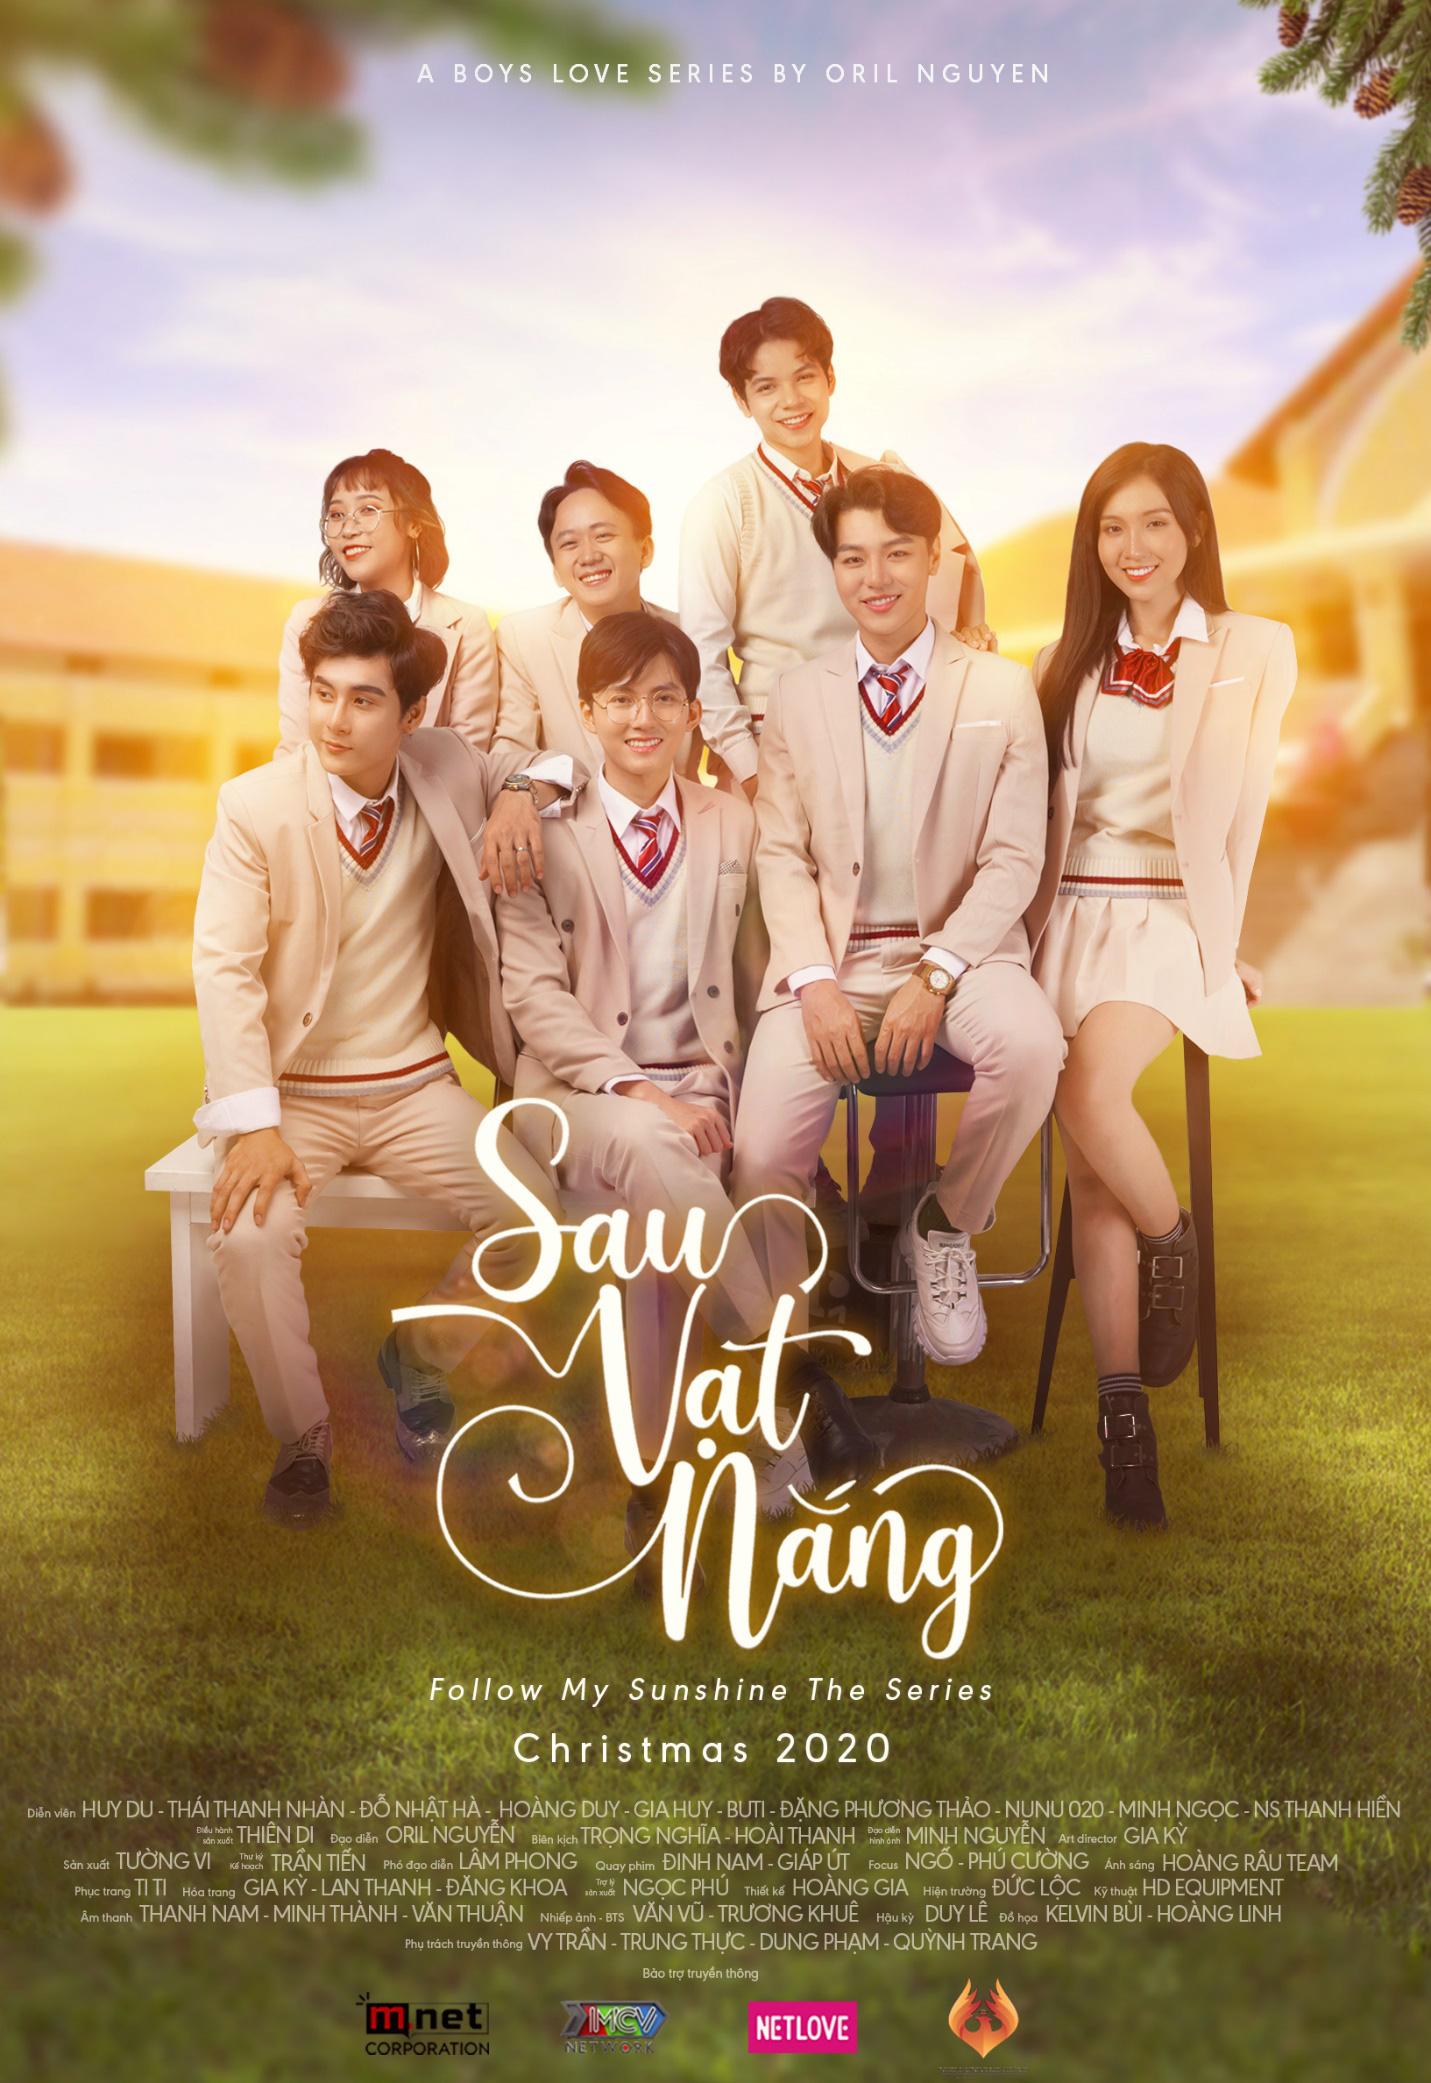 Đỗ Nhật Hà vào vai nữ phụ đam mỹ trong dự án phim boys love Sau Vạt Nắng - Ảnh 4.